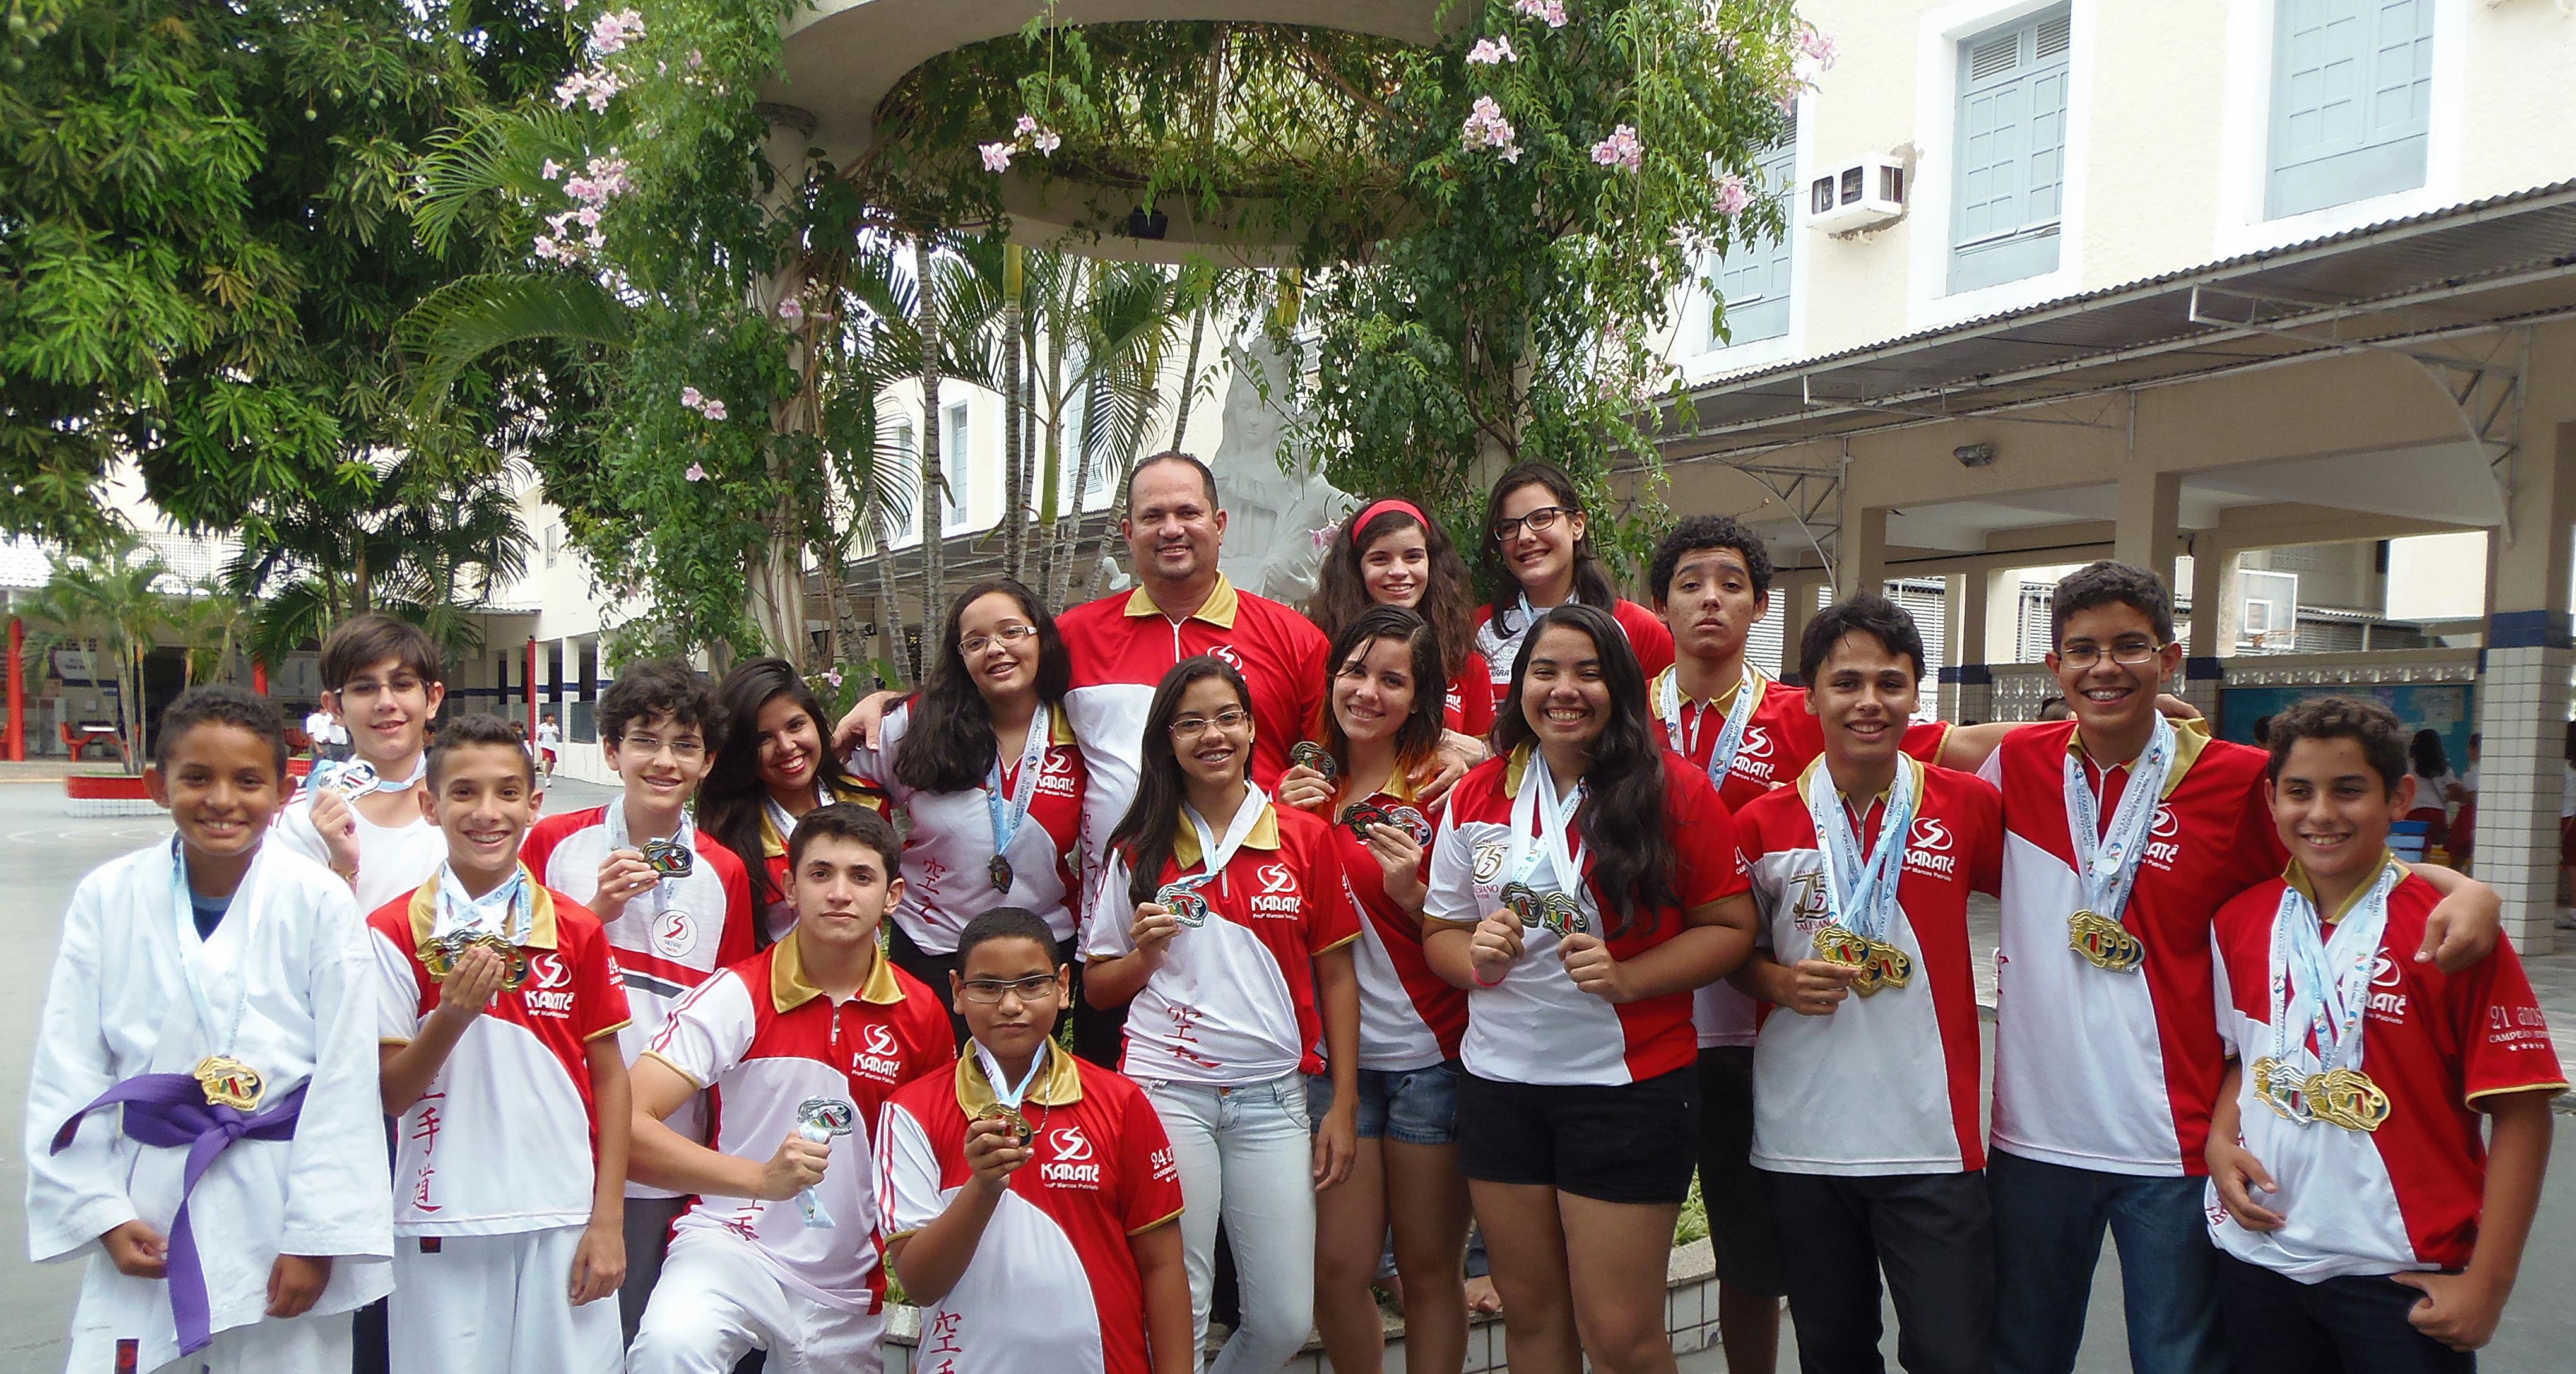 Atletas-Salesiano-karatê-(2